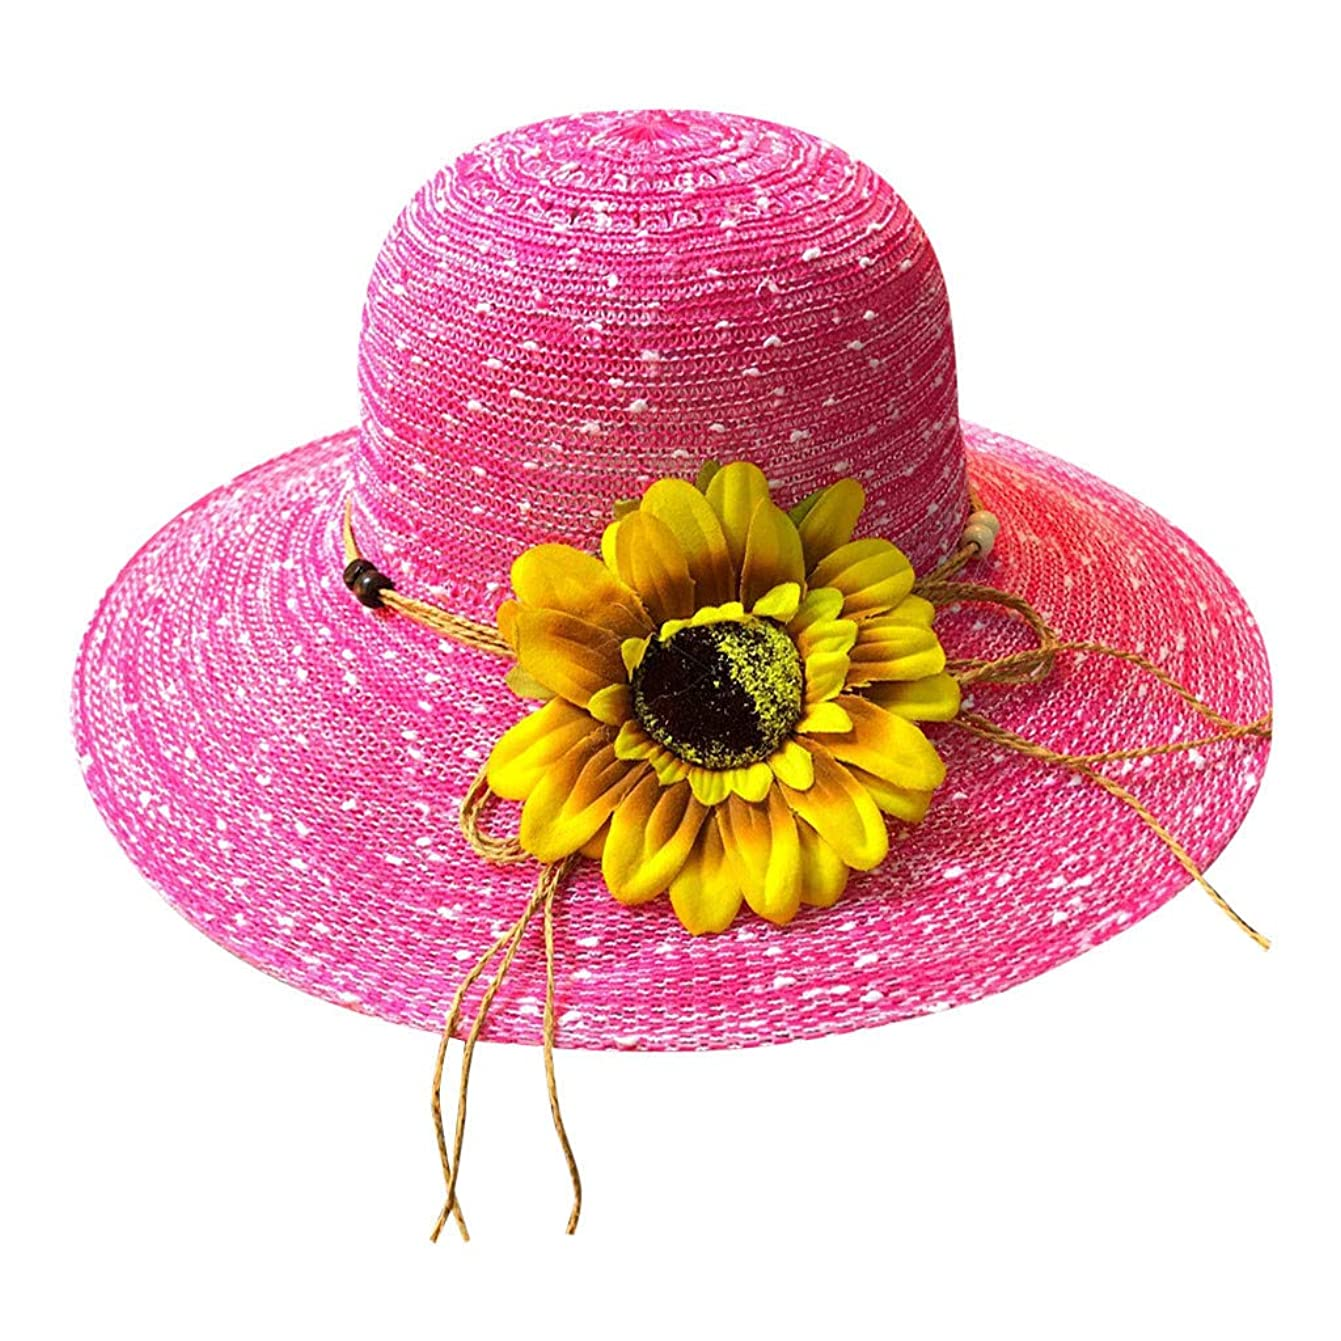 懐疑的バーターヒロイン帽子 レディース アウトドア 夏 春 UVカット 帽子 ハット 漁師帽 日焼け防止 つば広 紫外線対策 大きいサイズ ひまわり 可愛い ハット 旅行用 日よけ 夏季 ビーチ 無地 ハット レディース 女性 ROSE ROMAN